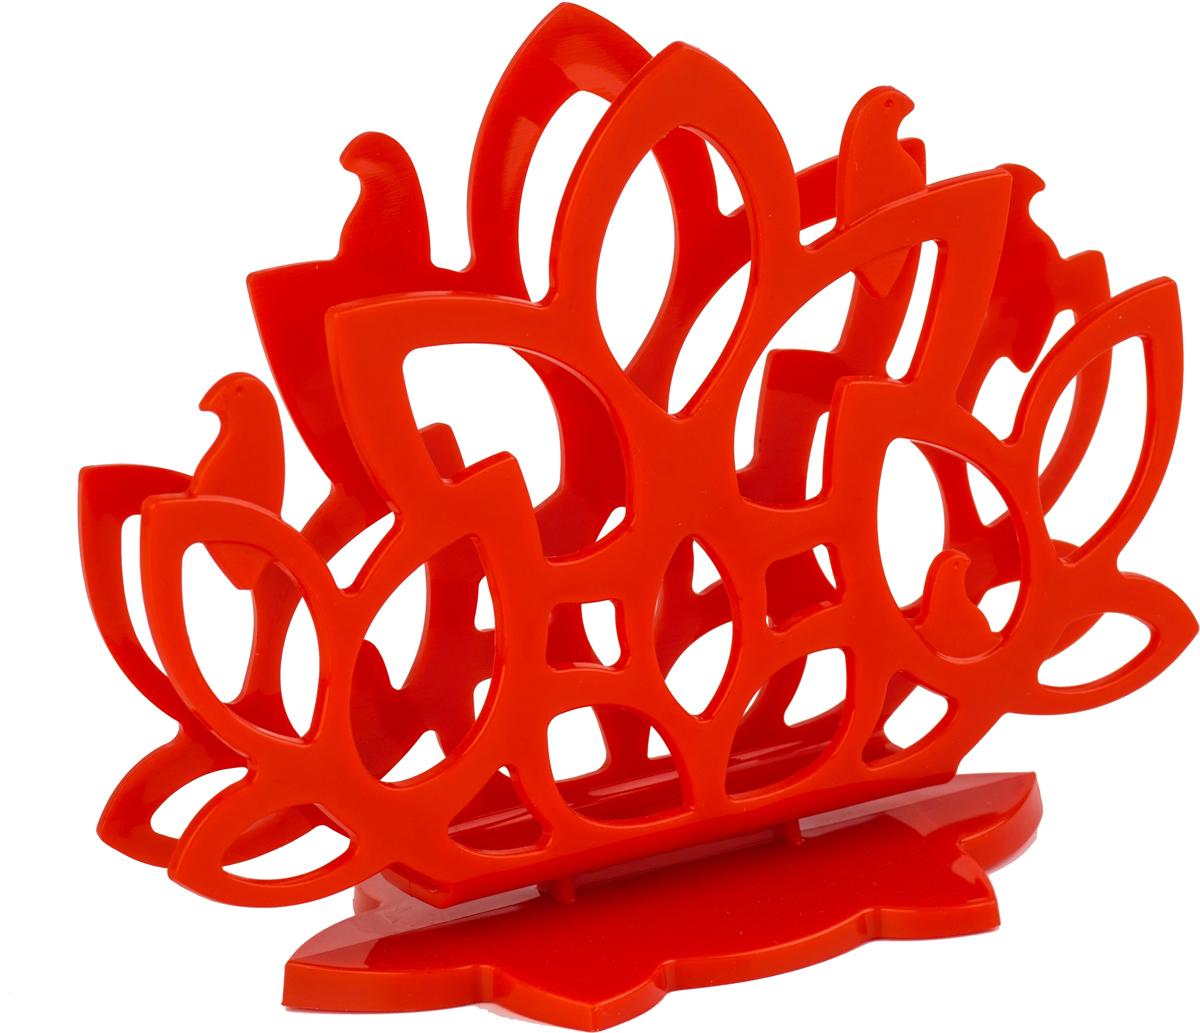 """Салфетница из коллекции """"Камелия"""" с авторским дизайном станет замечательной деталью сервировки и великолепным украшением праздничного и повседневного стола. Корпус имитирует пышную крону куста камелии, с сидящими на ветвях птицами. Изделие не смотря на легкую конструкцию, отличается устойчивостью и удобством использования. Благодаря столь аккуратному дизайну, салфетница может использоваться как дома, так в барах, ресторанах, кафе."""